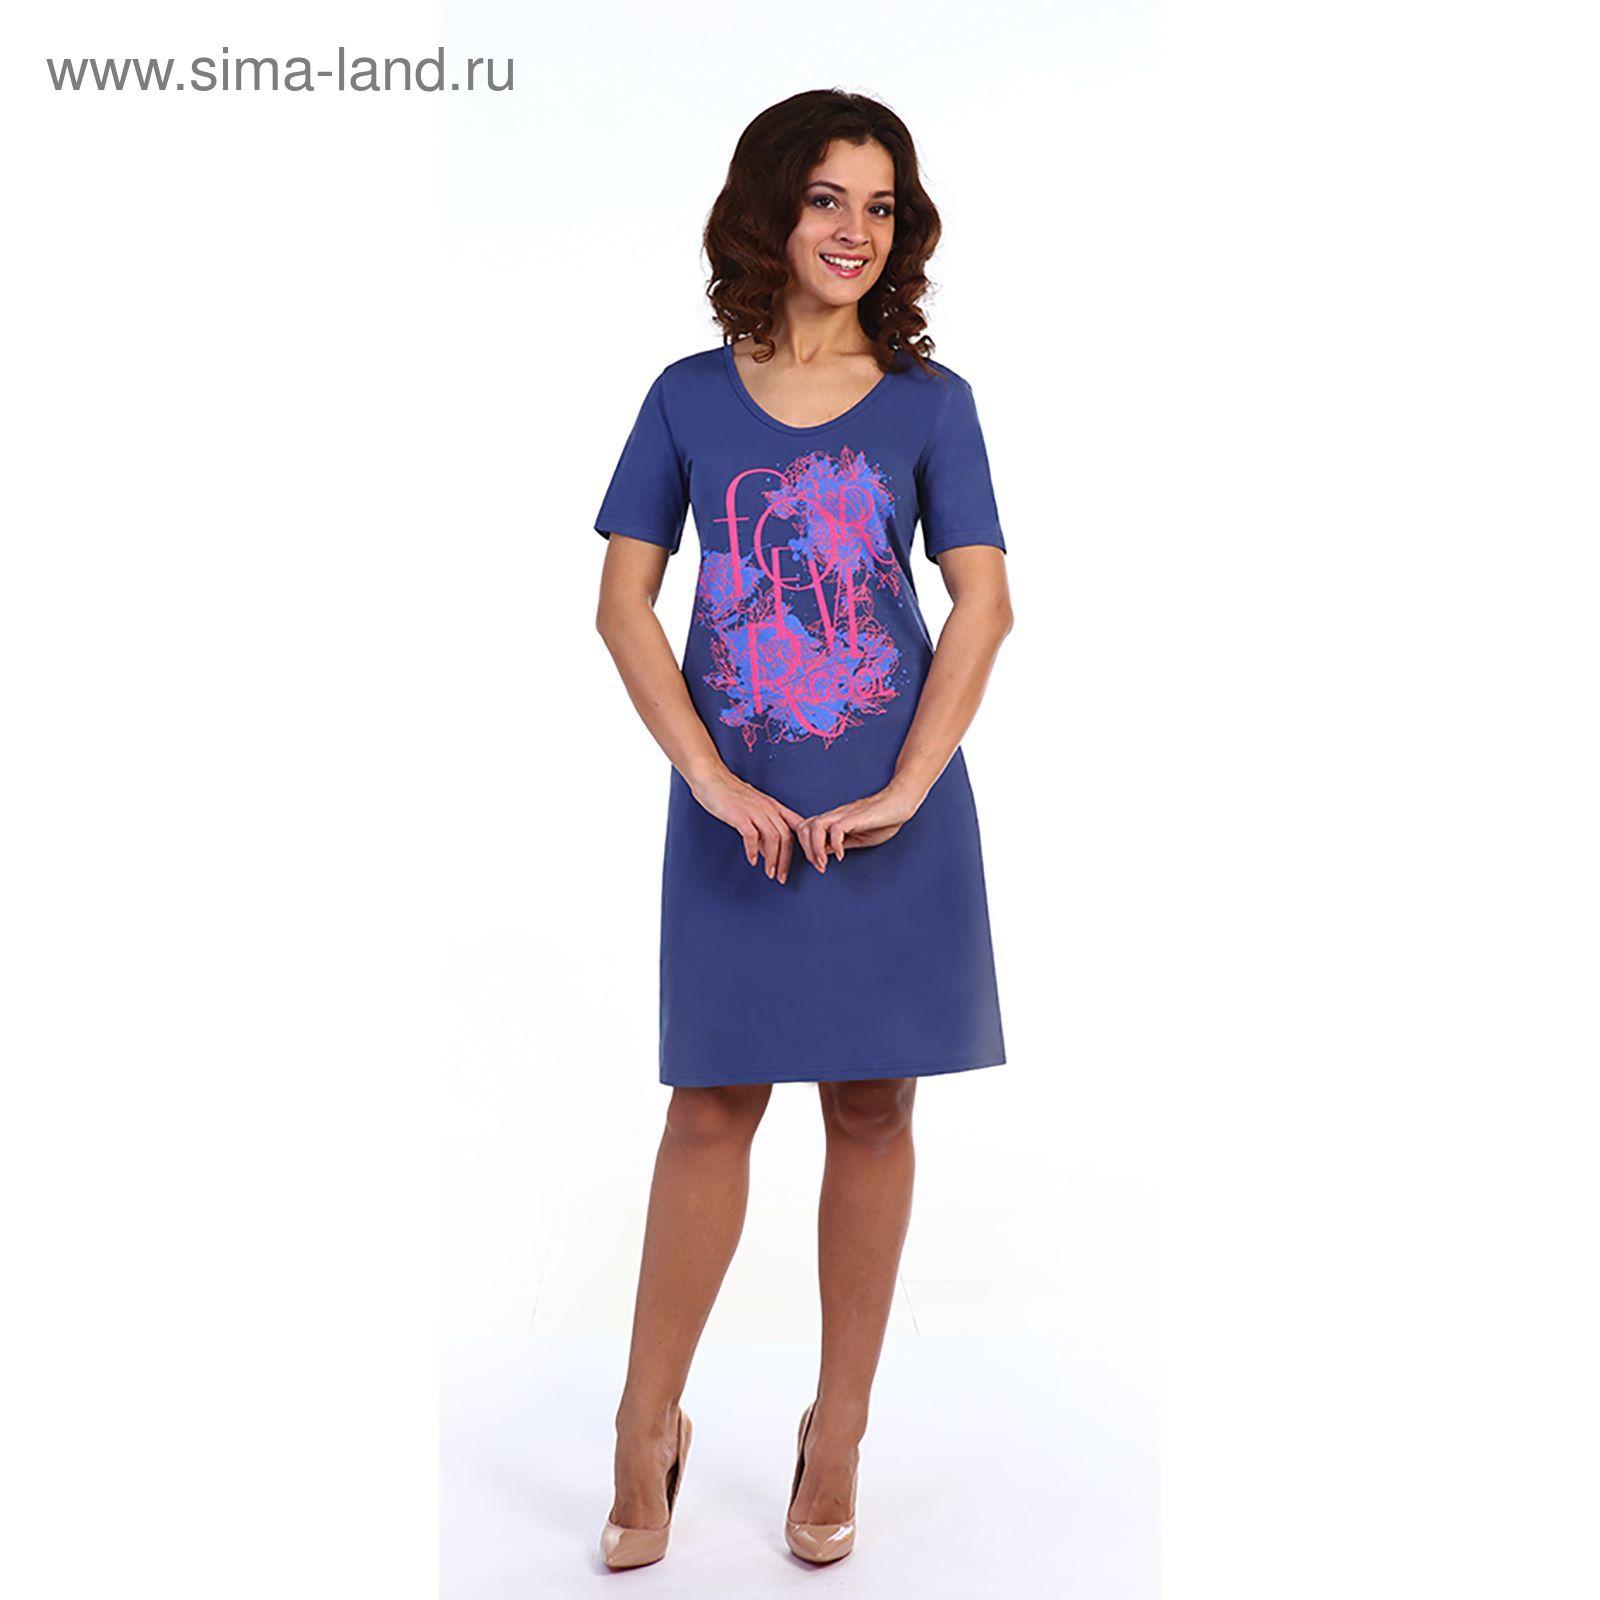 8dfe3102b072853 Платье женское домашнее Марайа 2106, цвет индиго, р-р 56 (2106 ...